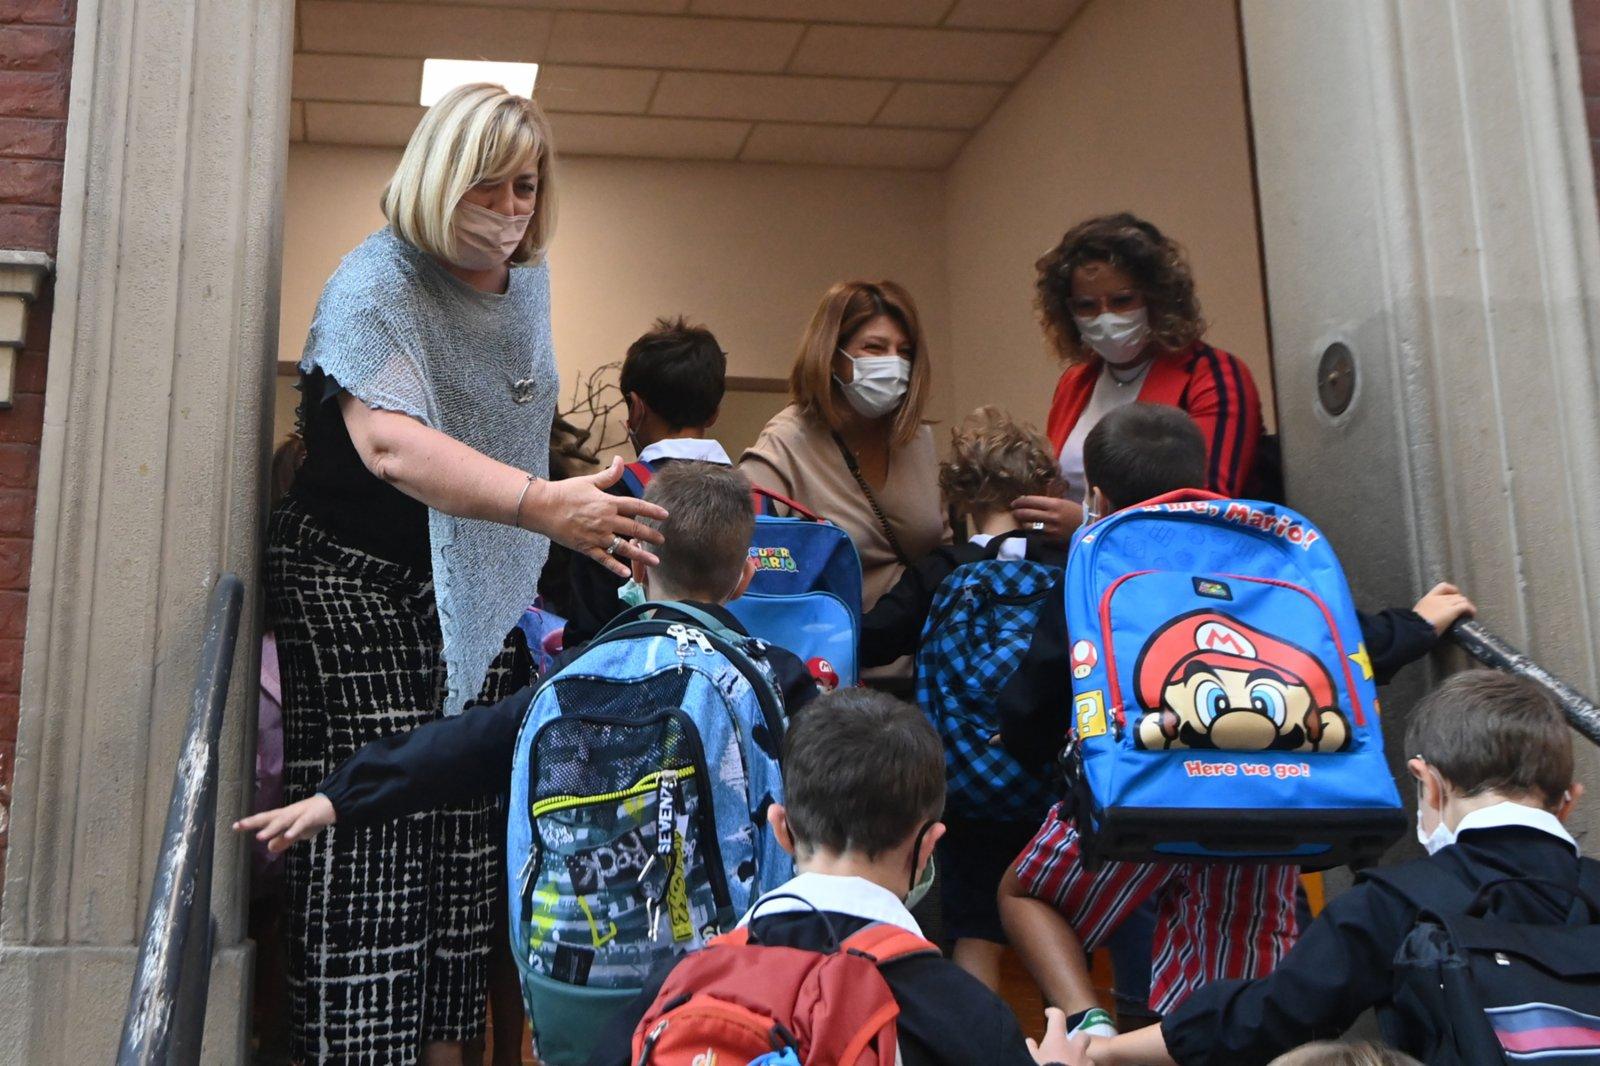 9月13日,學生在意大利博洛尼亞進入學校。9月13日後,意大利所有大區學校將陸續開學。根據意教育部公布的全國學校防疫措施,教職員工進入校園必須持有「綠碼」。(新華社)